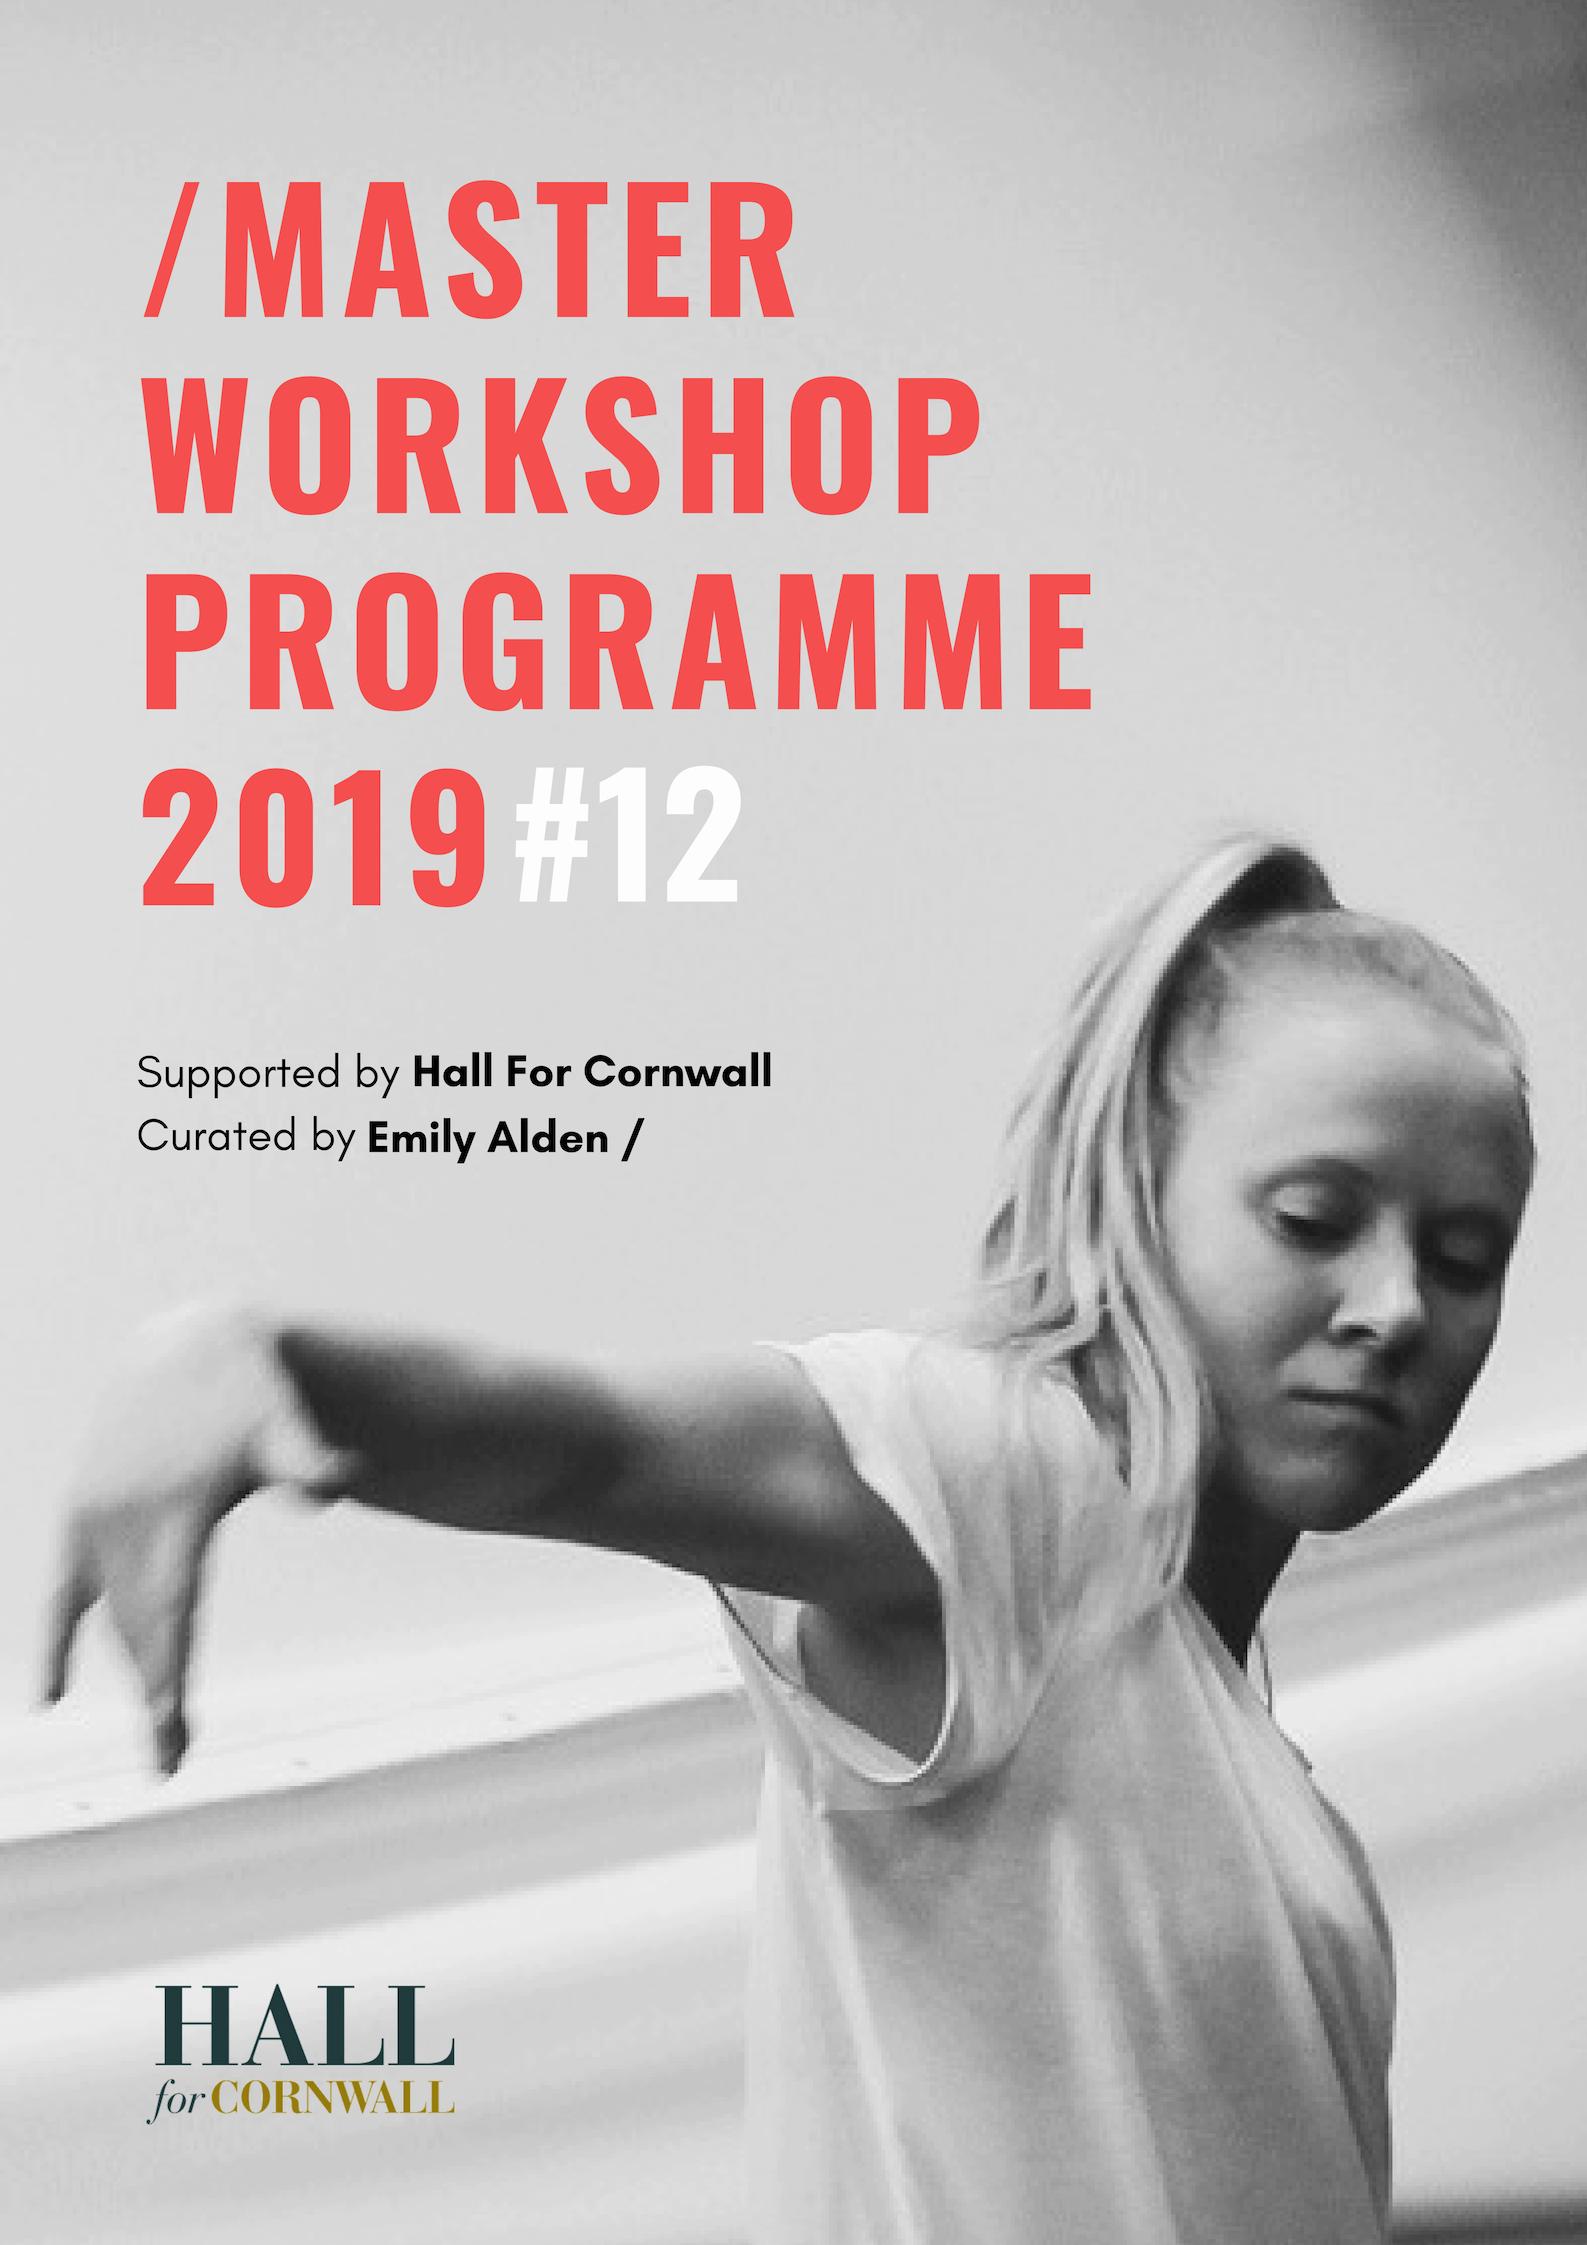 (Front) Master Workshop Programme #12.jpg